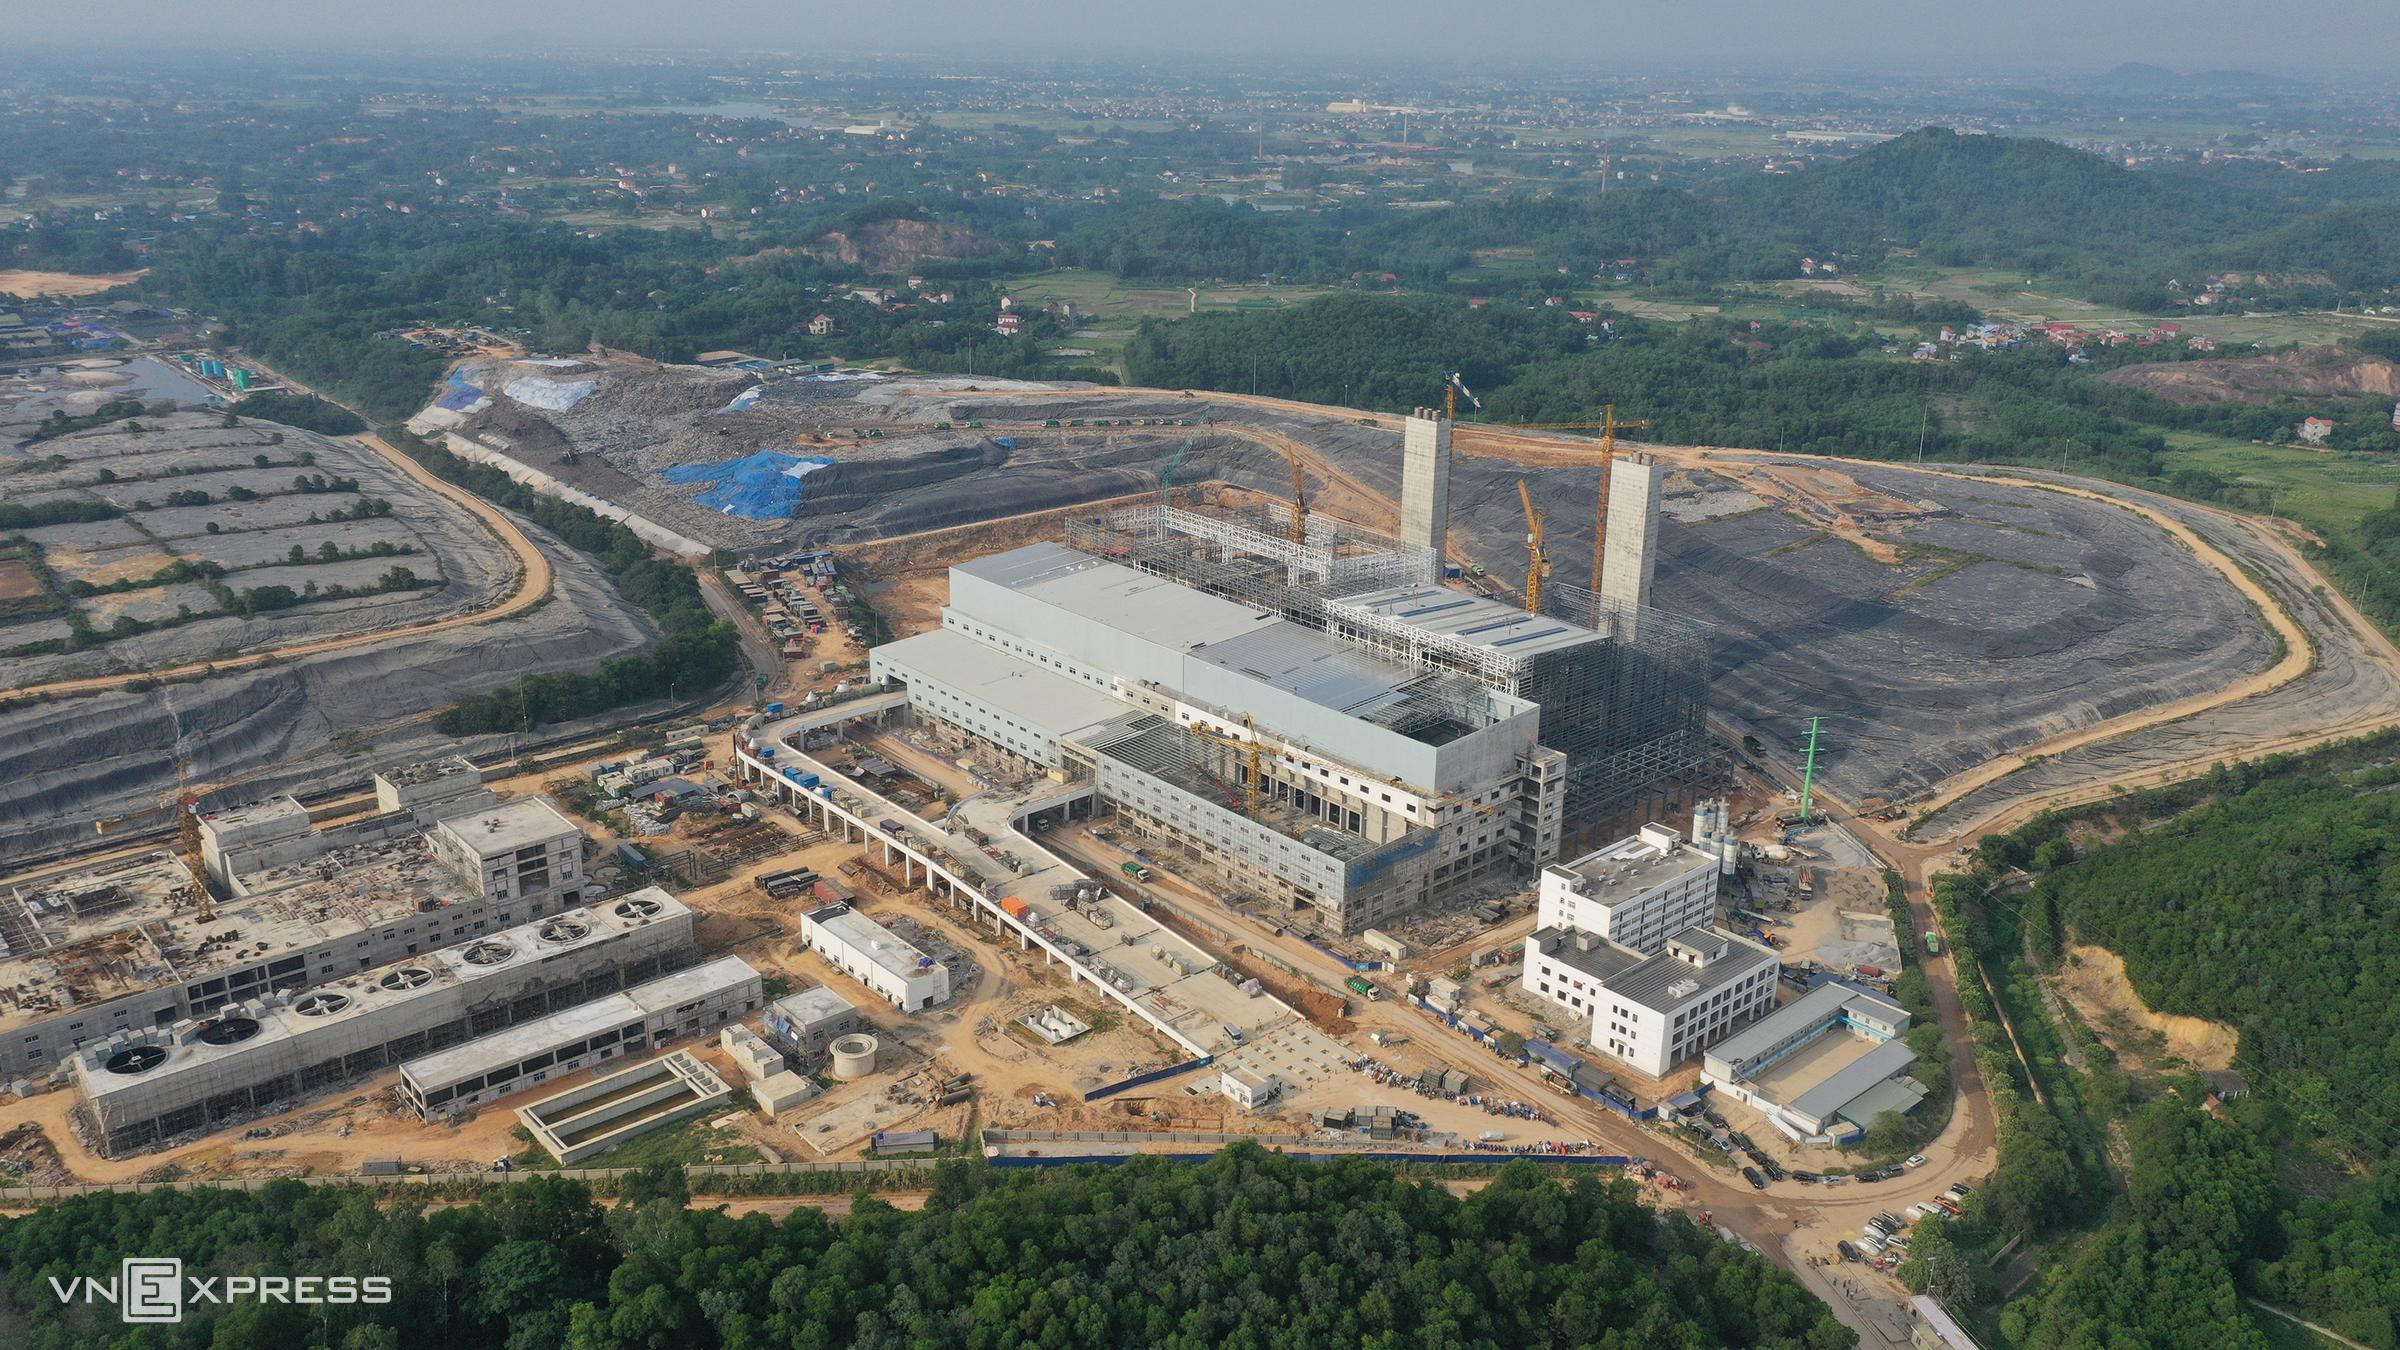 Nhà máy điện rác Sóc Sơn (Hà Nội) với công suất xử lý 4.000 tấn rác khô mỗi ngày, tổng đầu tư 7.000 tỷ đồng. Ảnh: Ngọc Thành